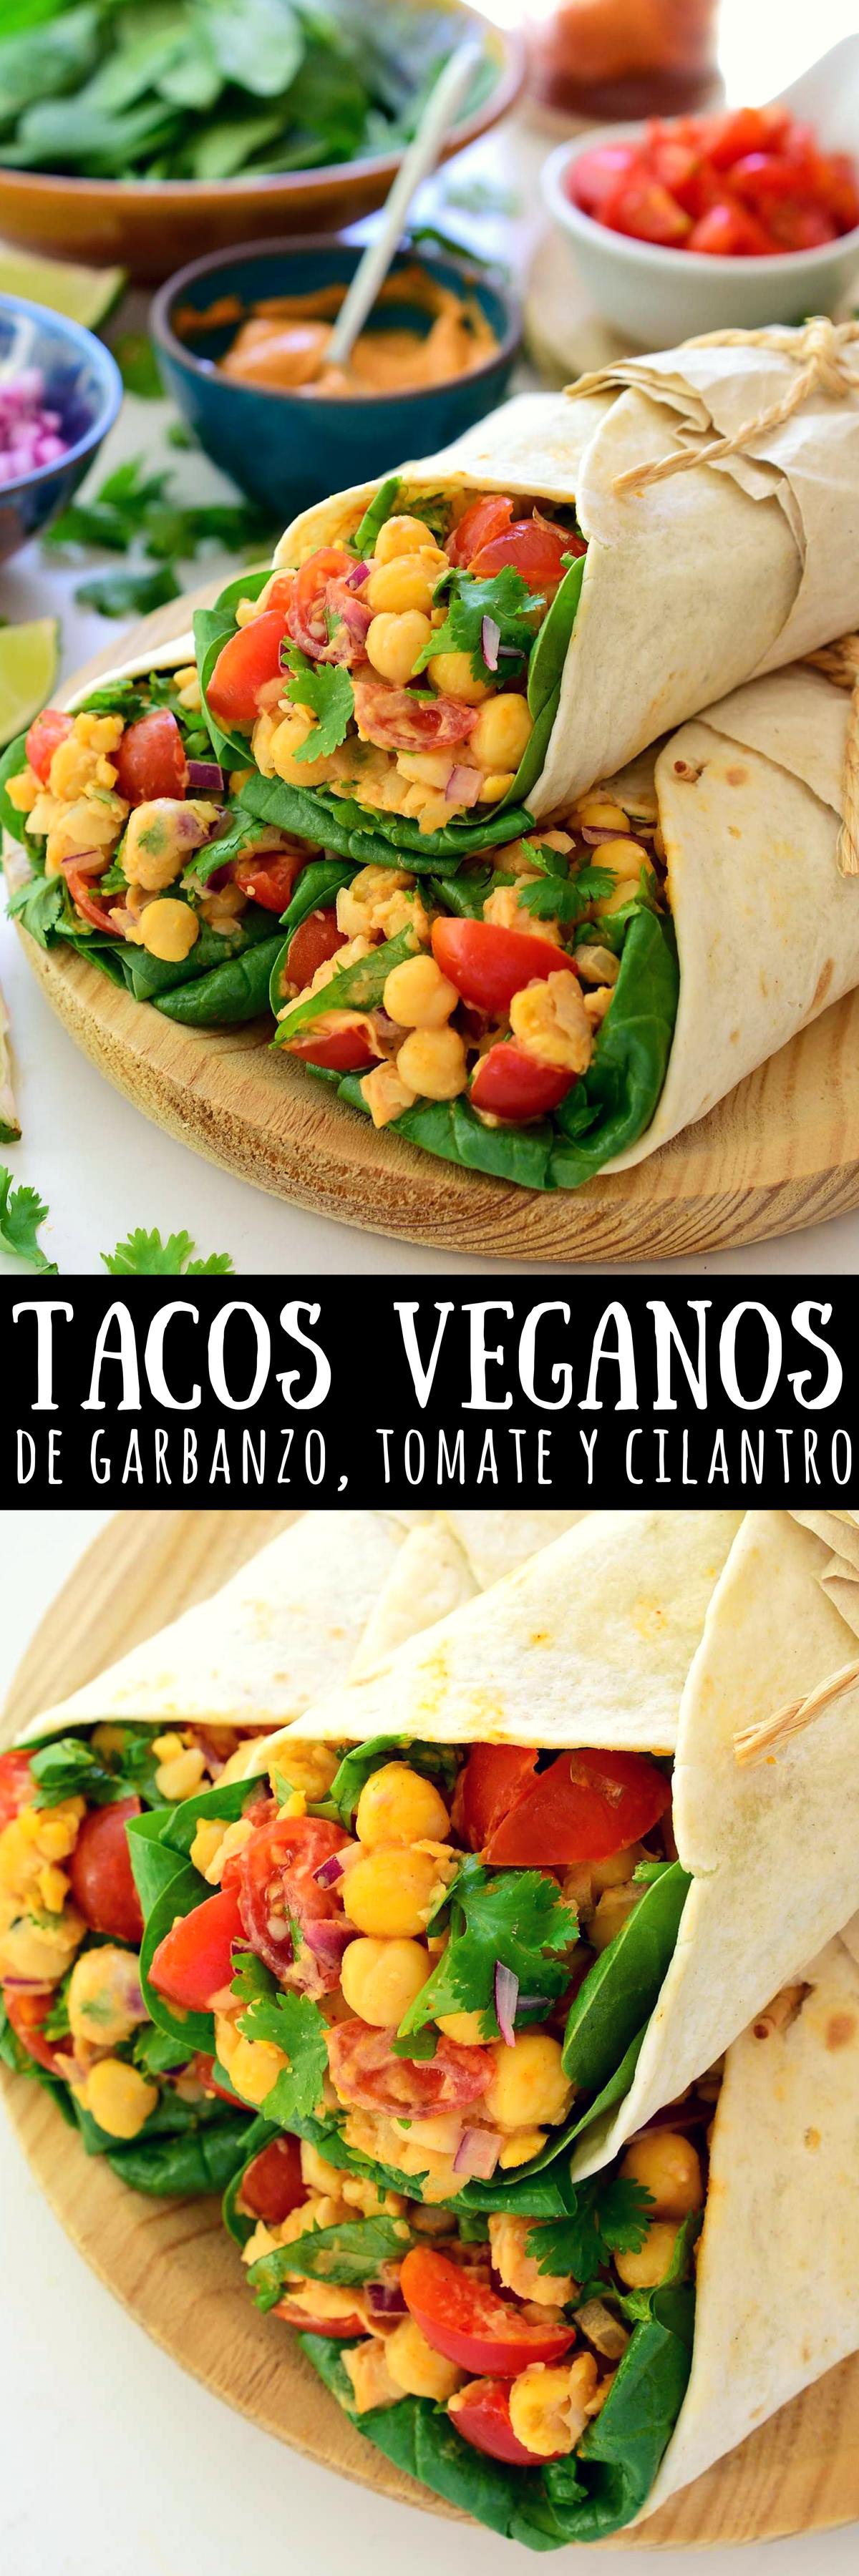 Tacos Veganos De Garbanzos Receta Tacos Veganos Comida Vegana Recetas Vegetarianas